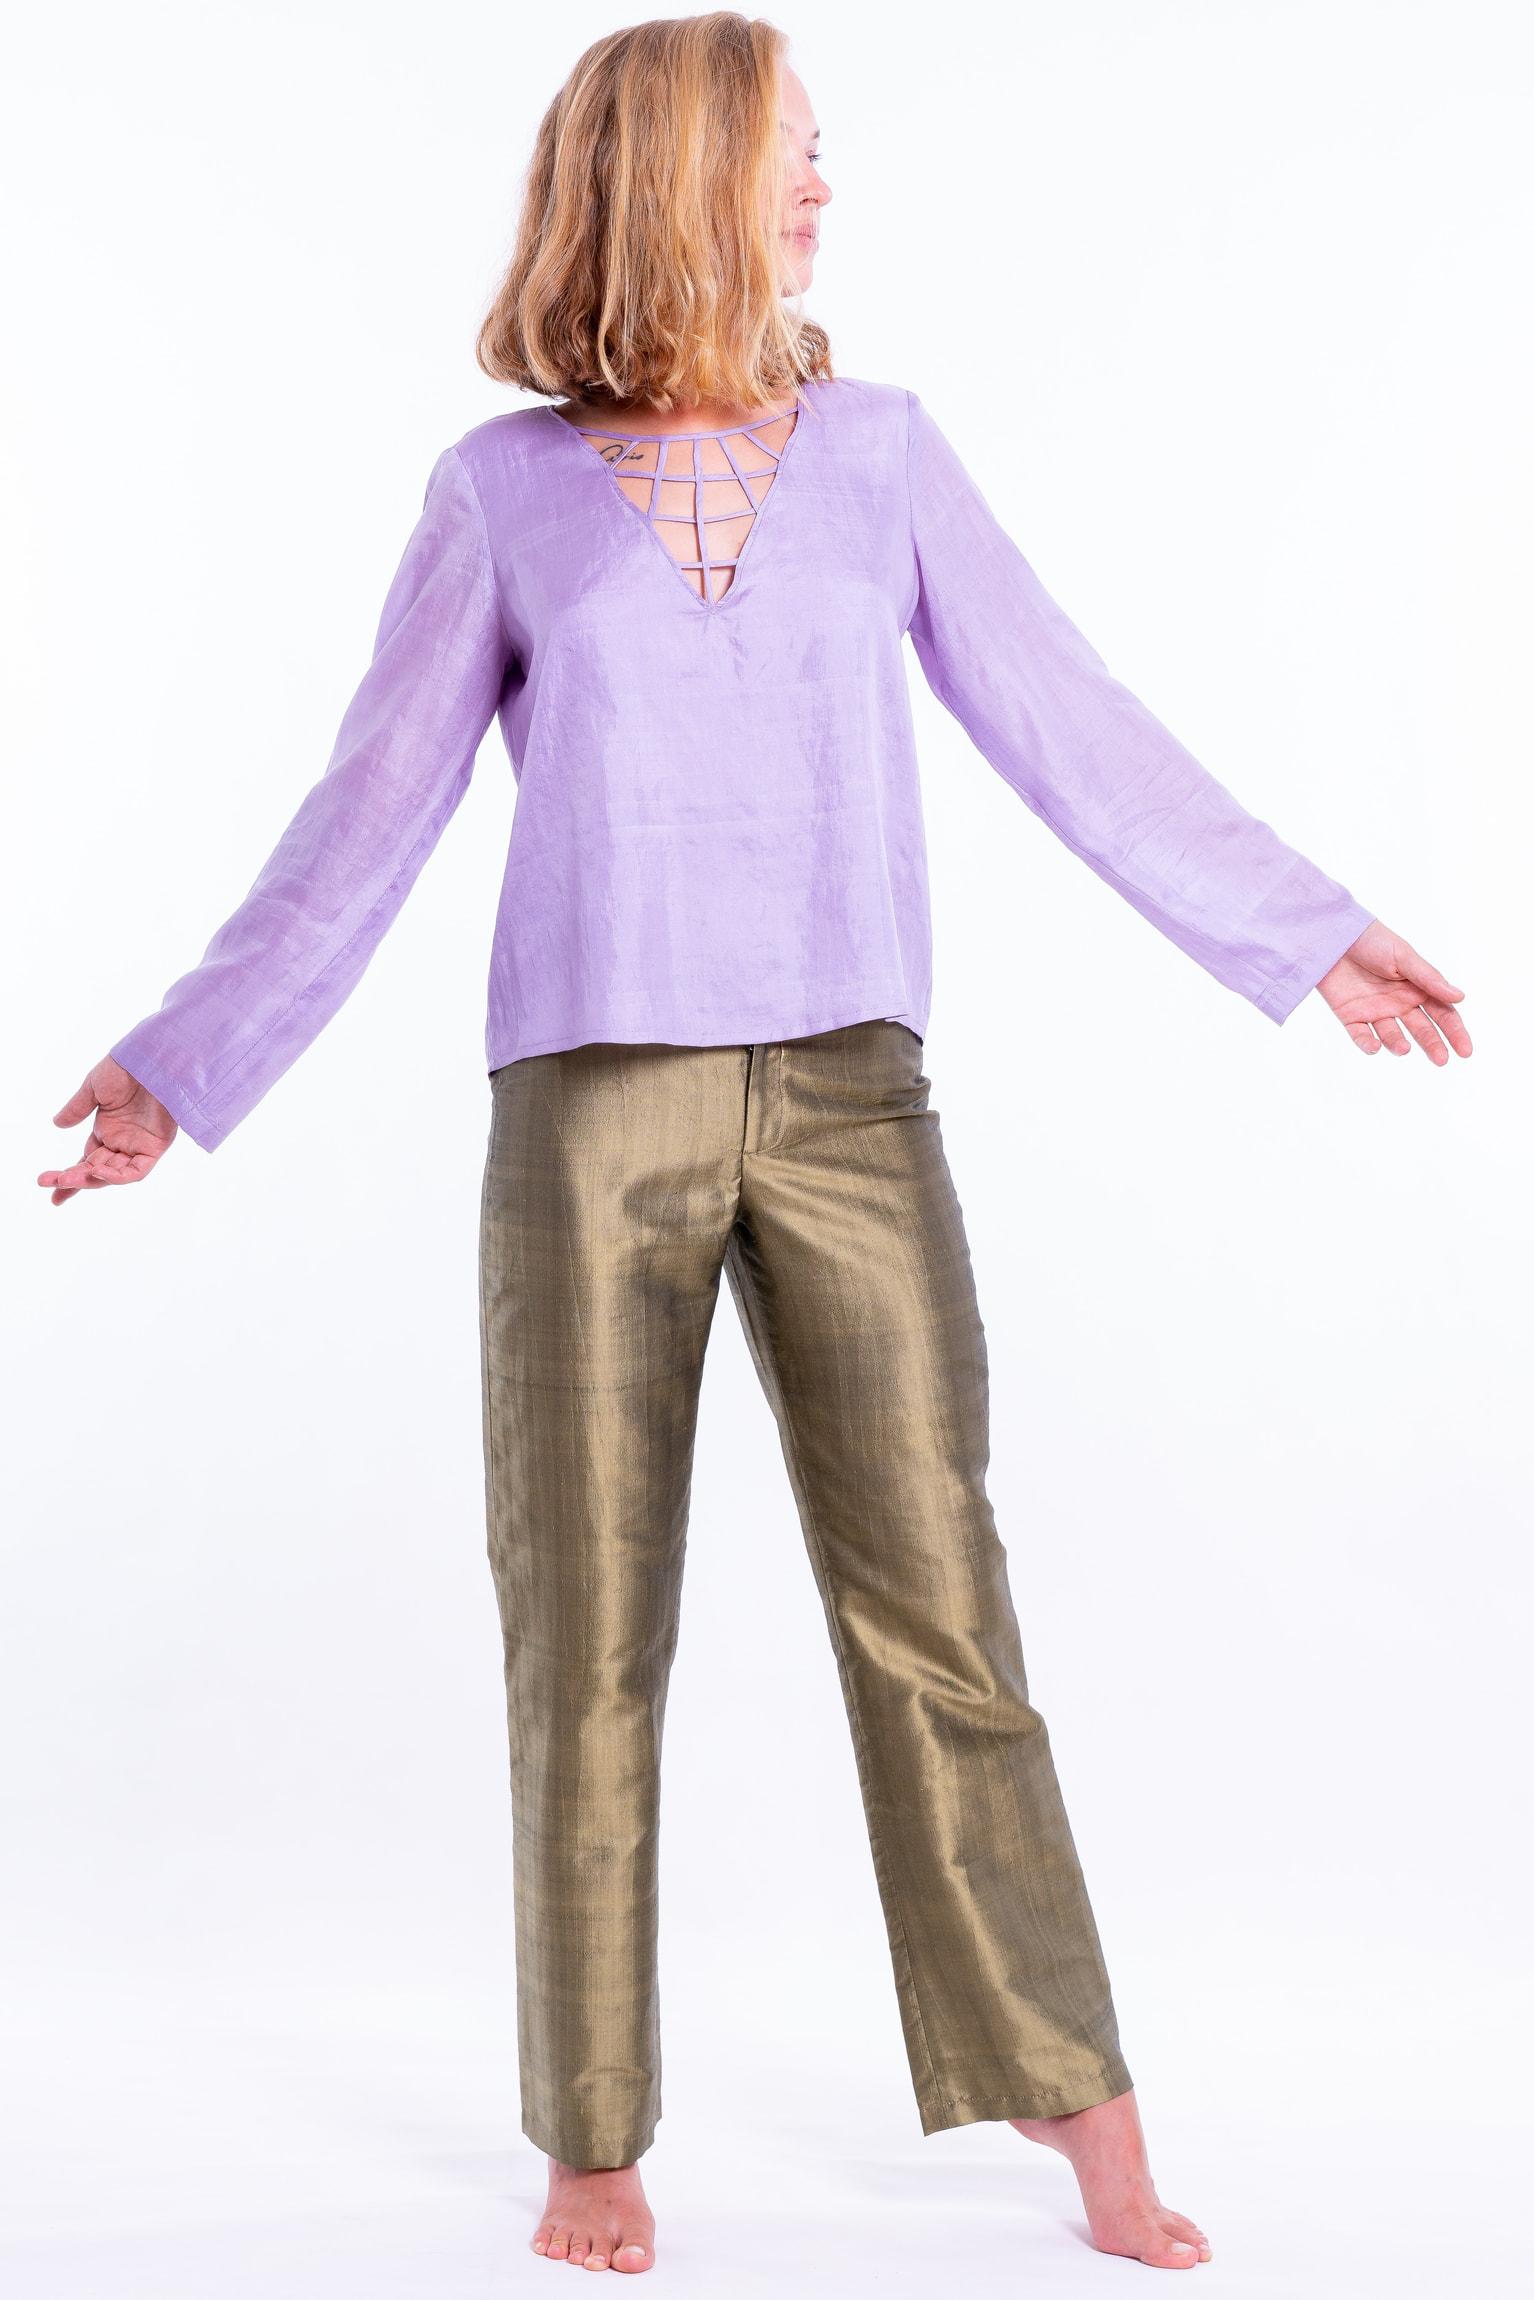 pantalon kaki en soie naturelle, coupe droite, ceinture à double boutonnage, top en soie naturelle lavande à manches longues